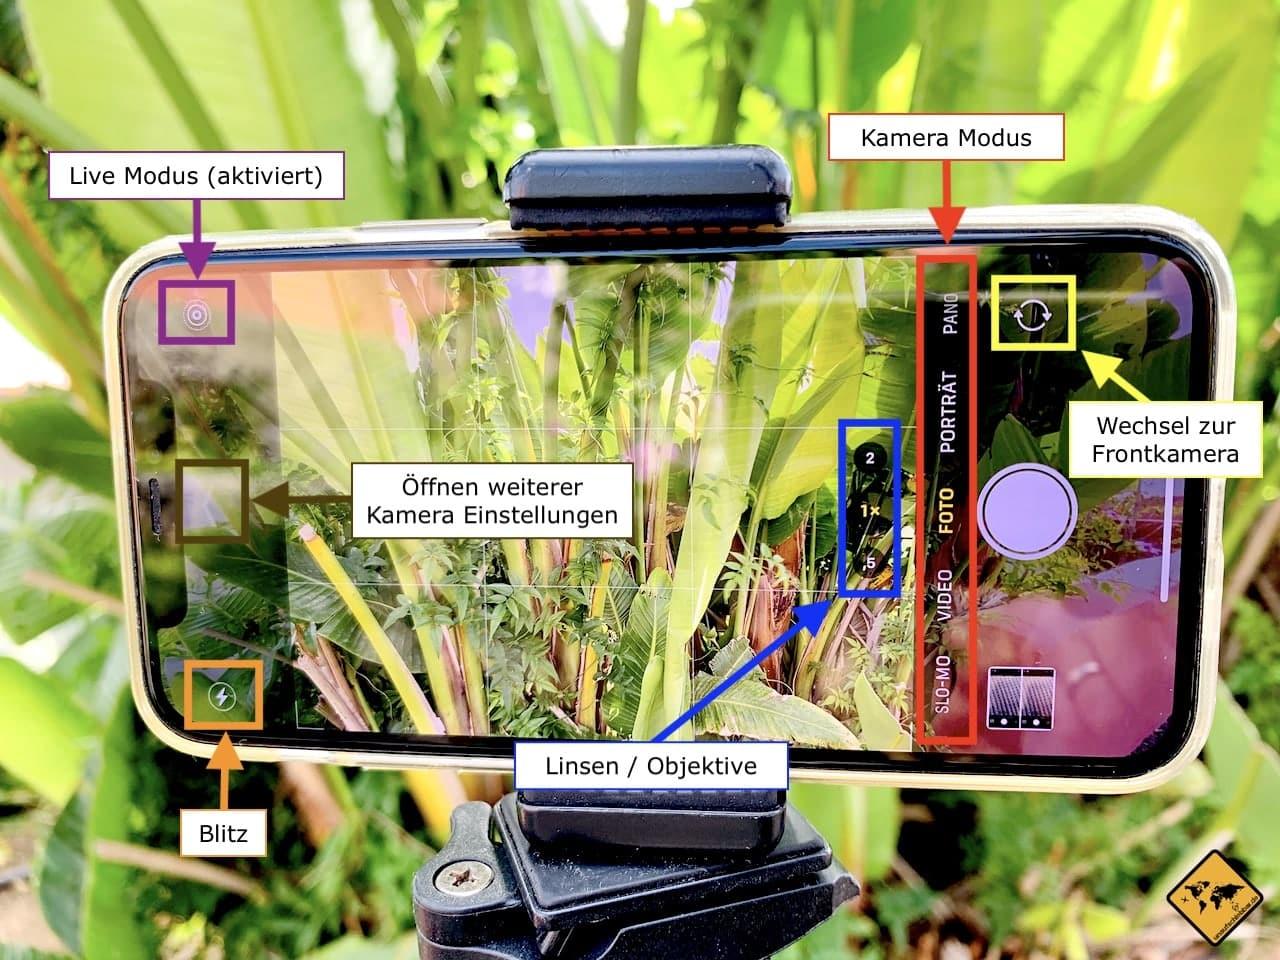 iPhone Kamera Einstellungen beim Fotografieren